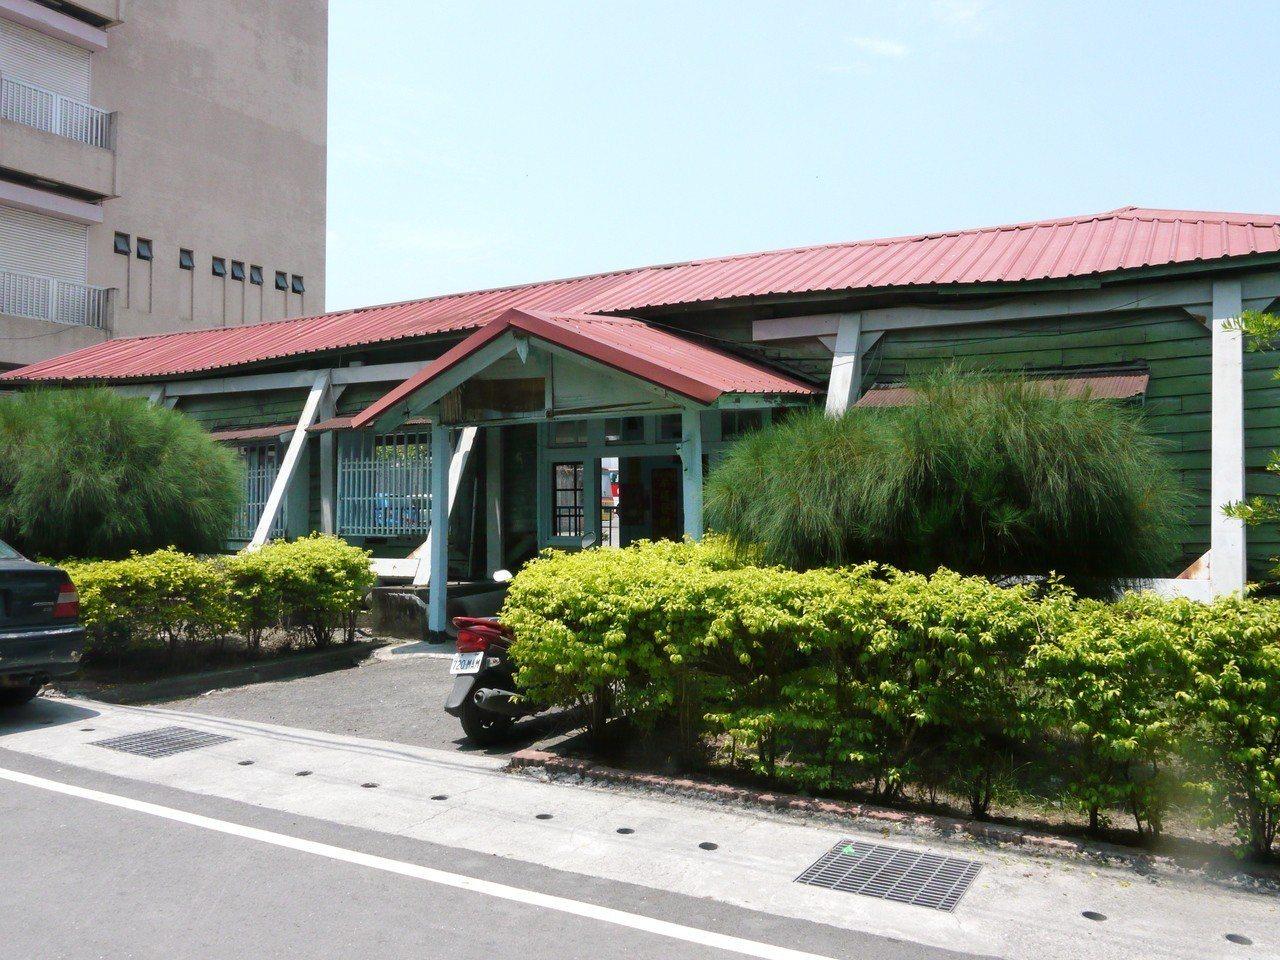 六龜車站是一棟日式建築,外觀看不出是車站。圖/本報資料照